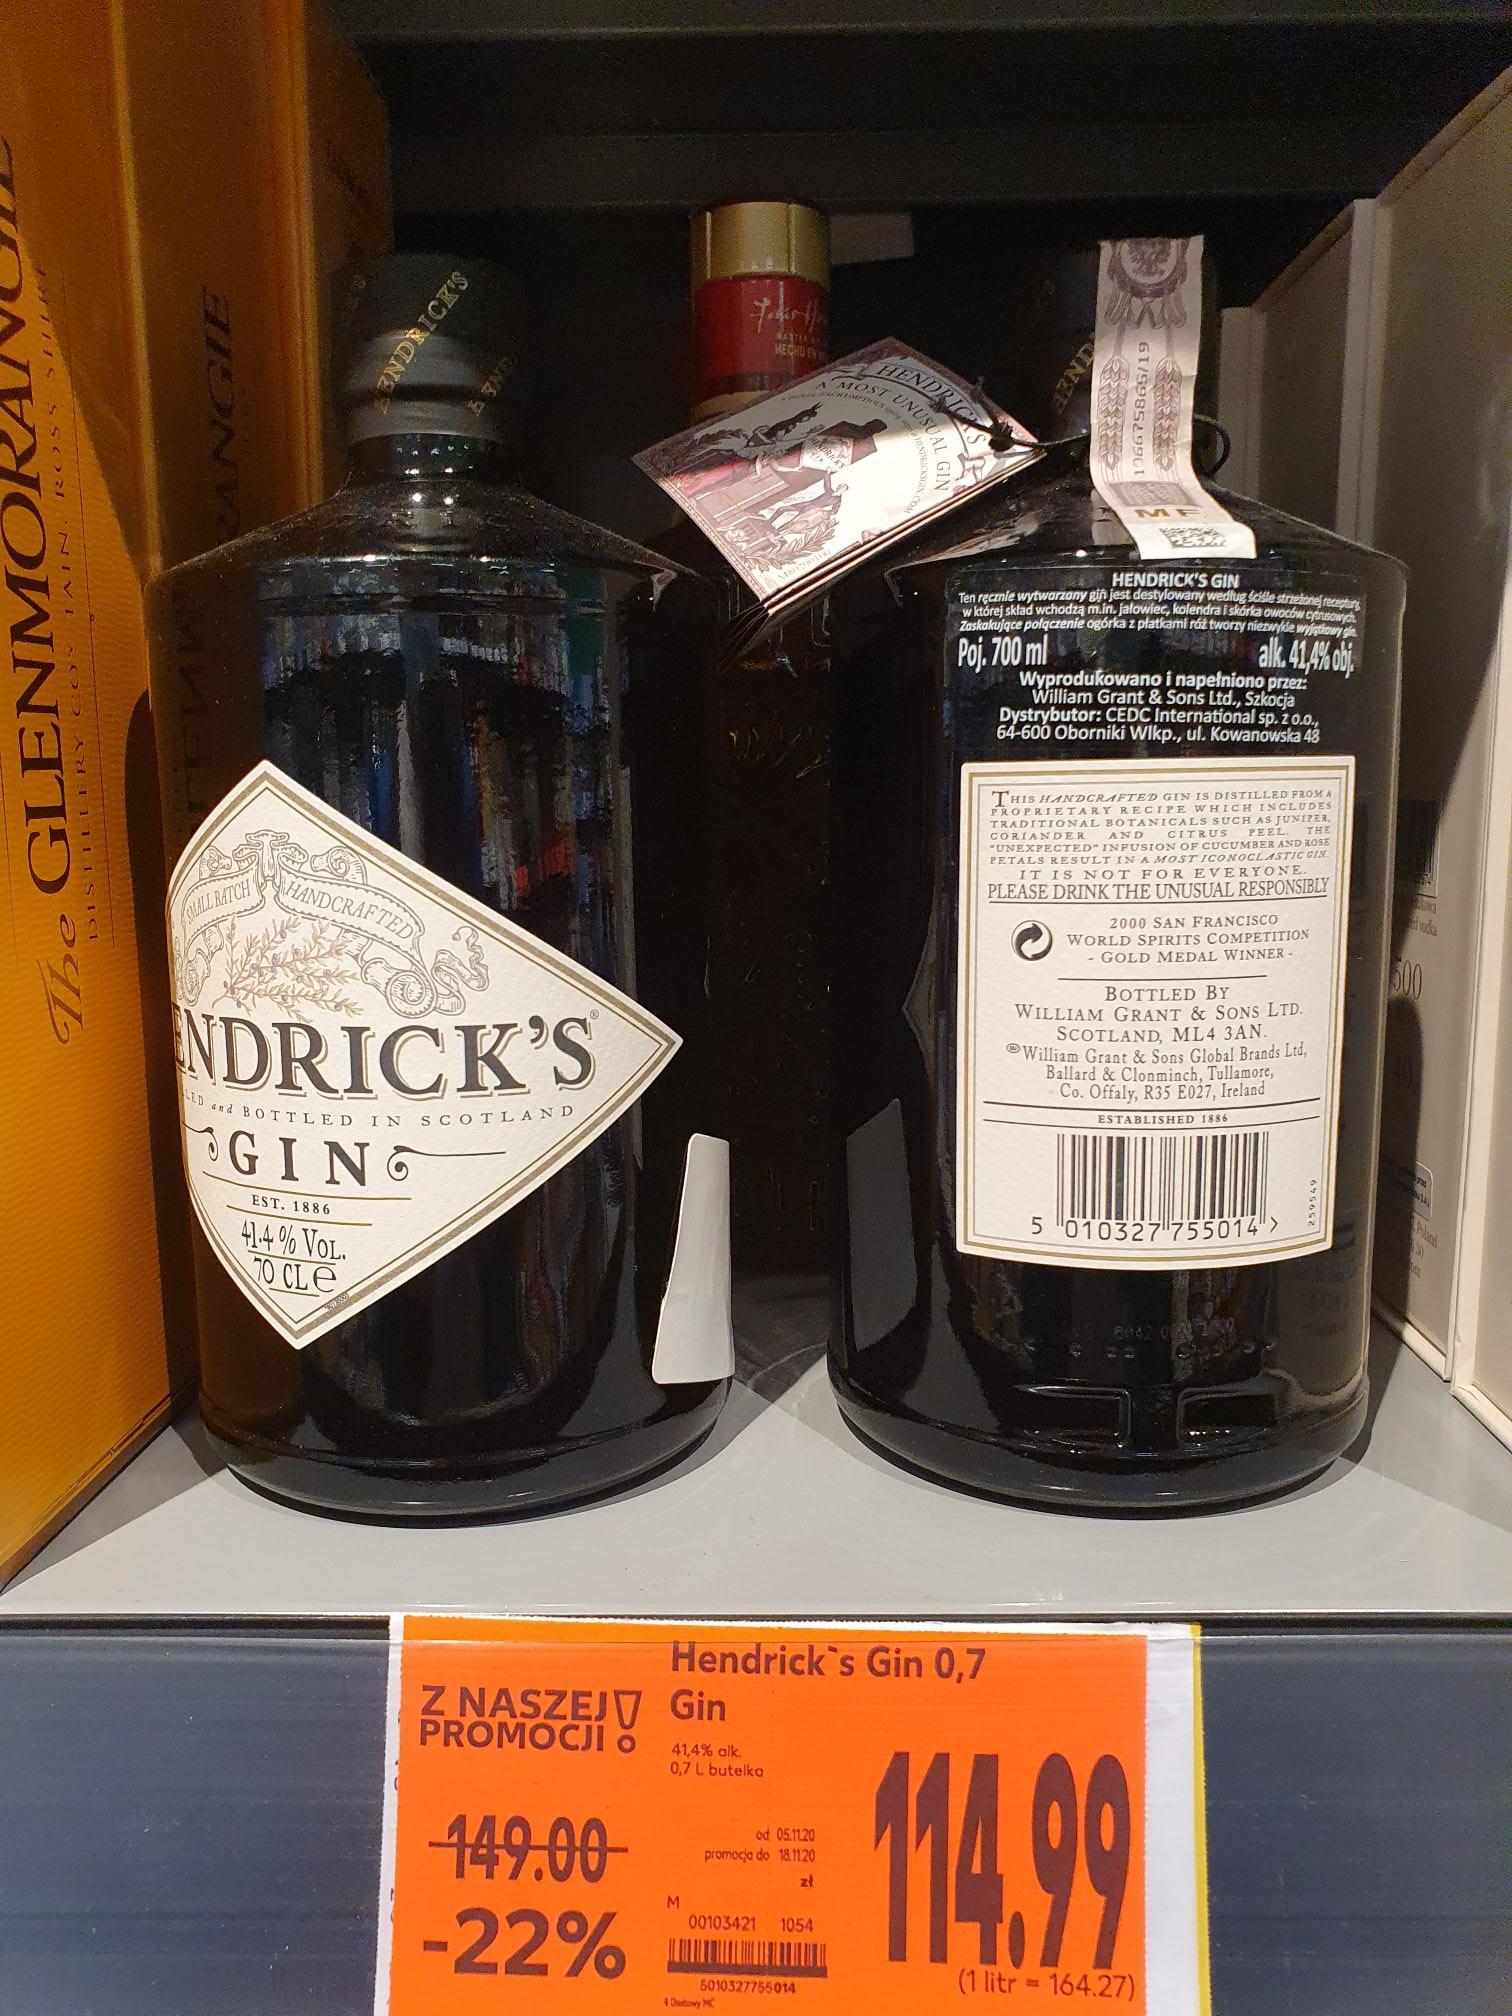 Hendrick's Gin 0,7